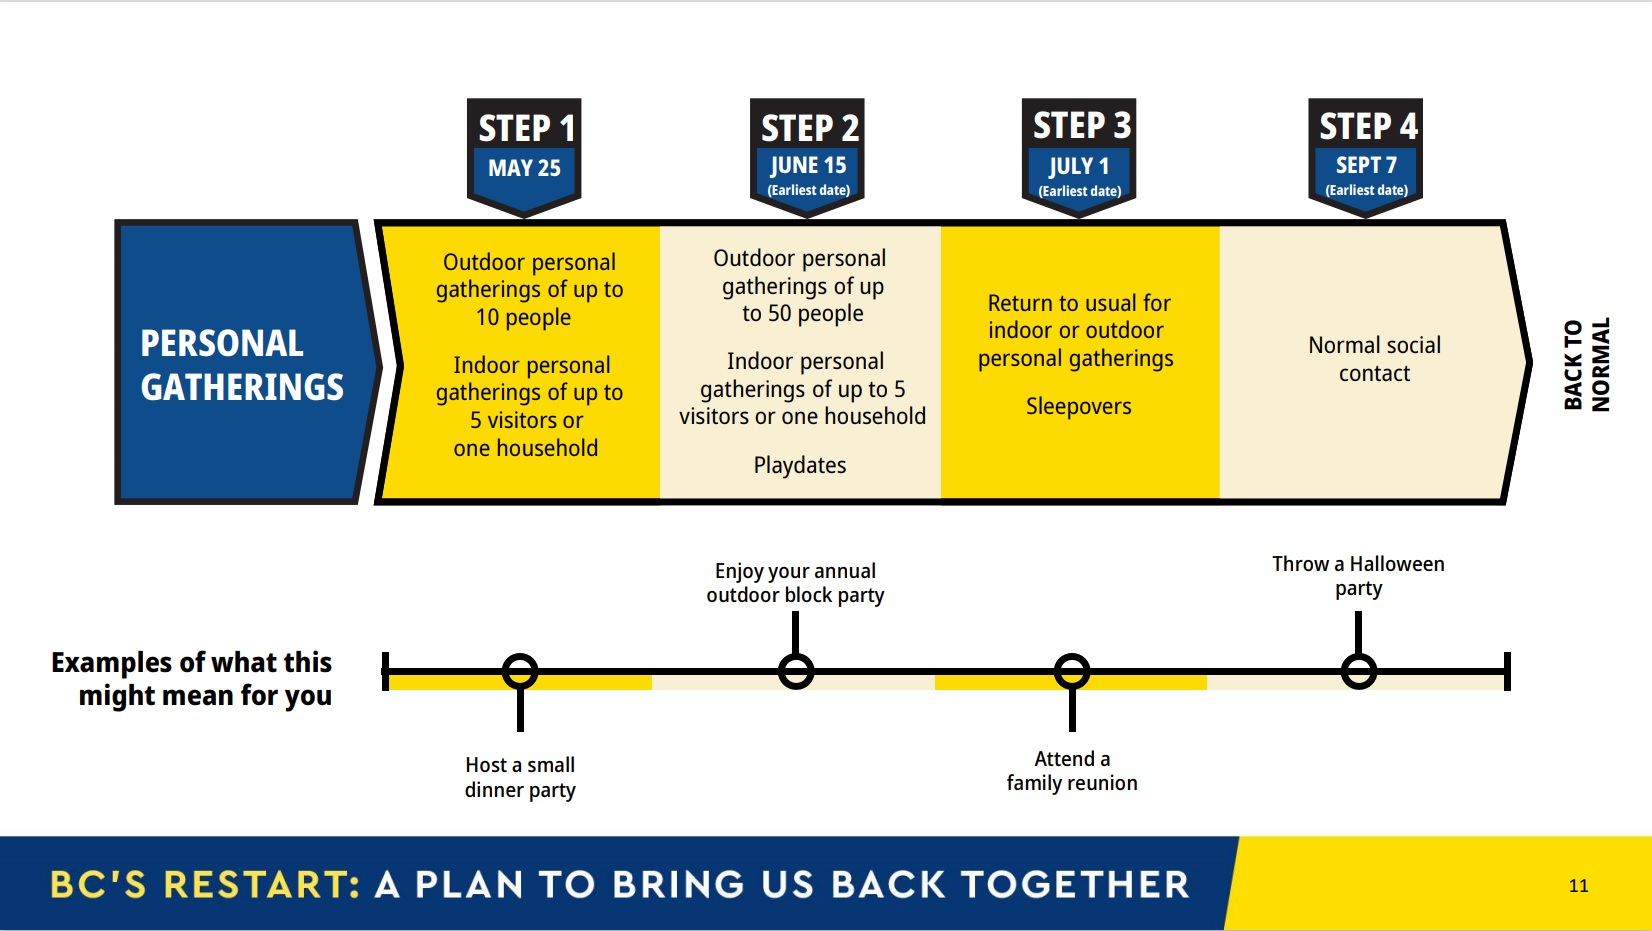 B.C.'s restart plan